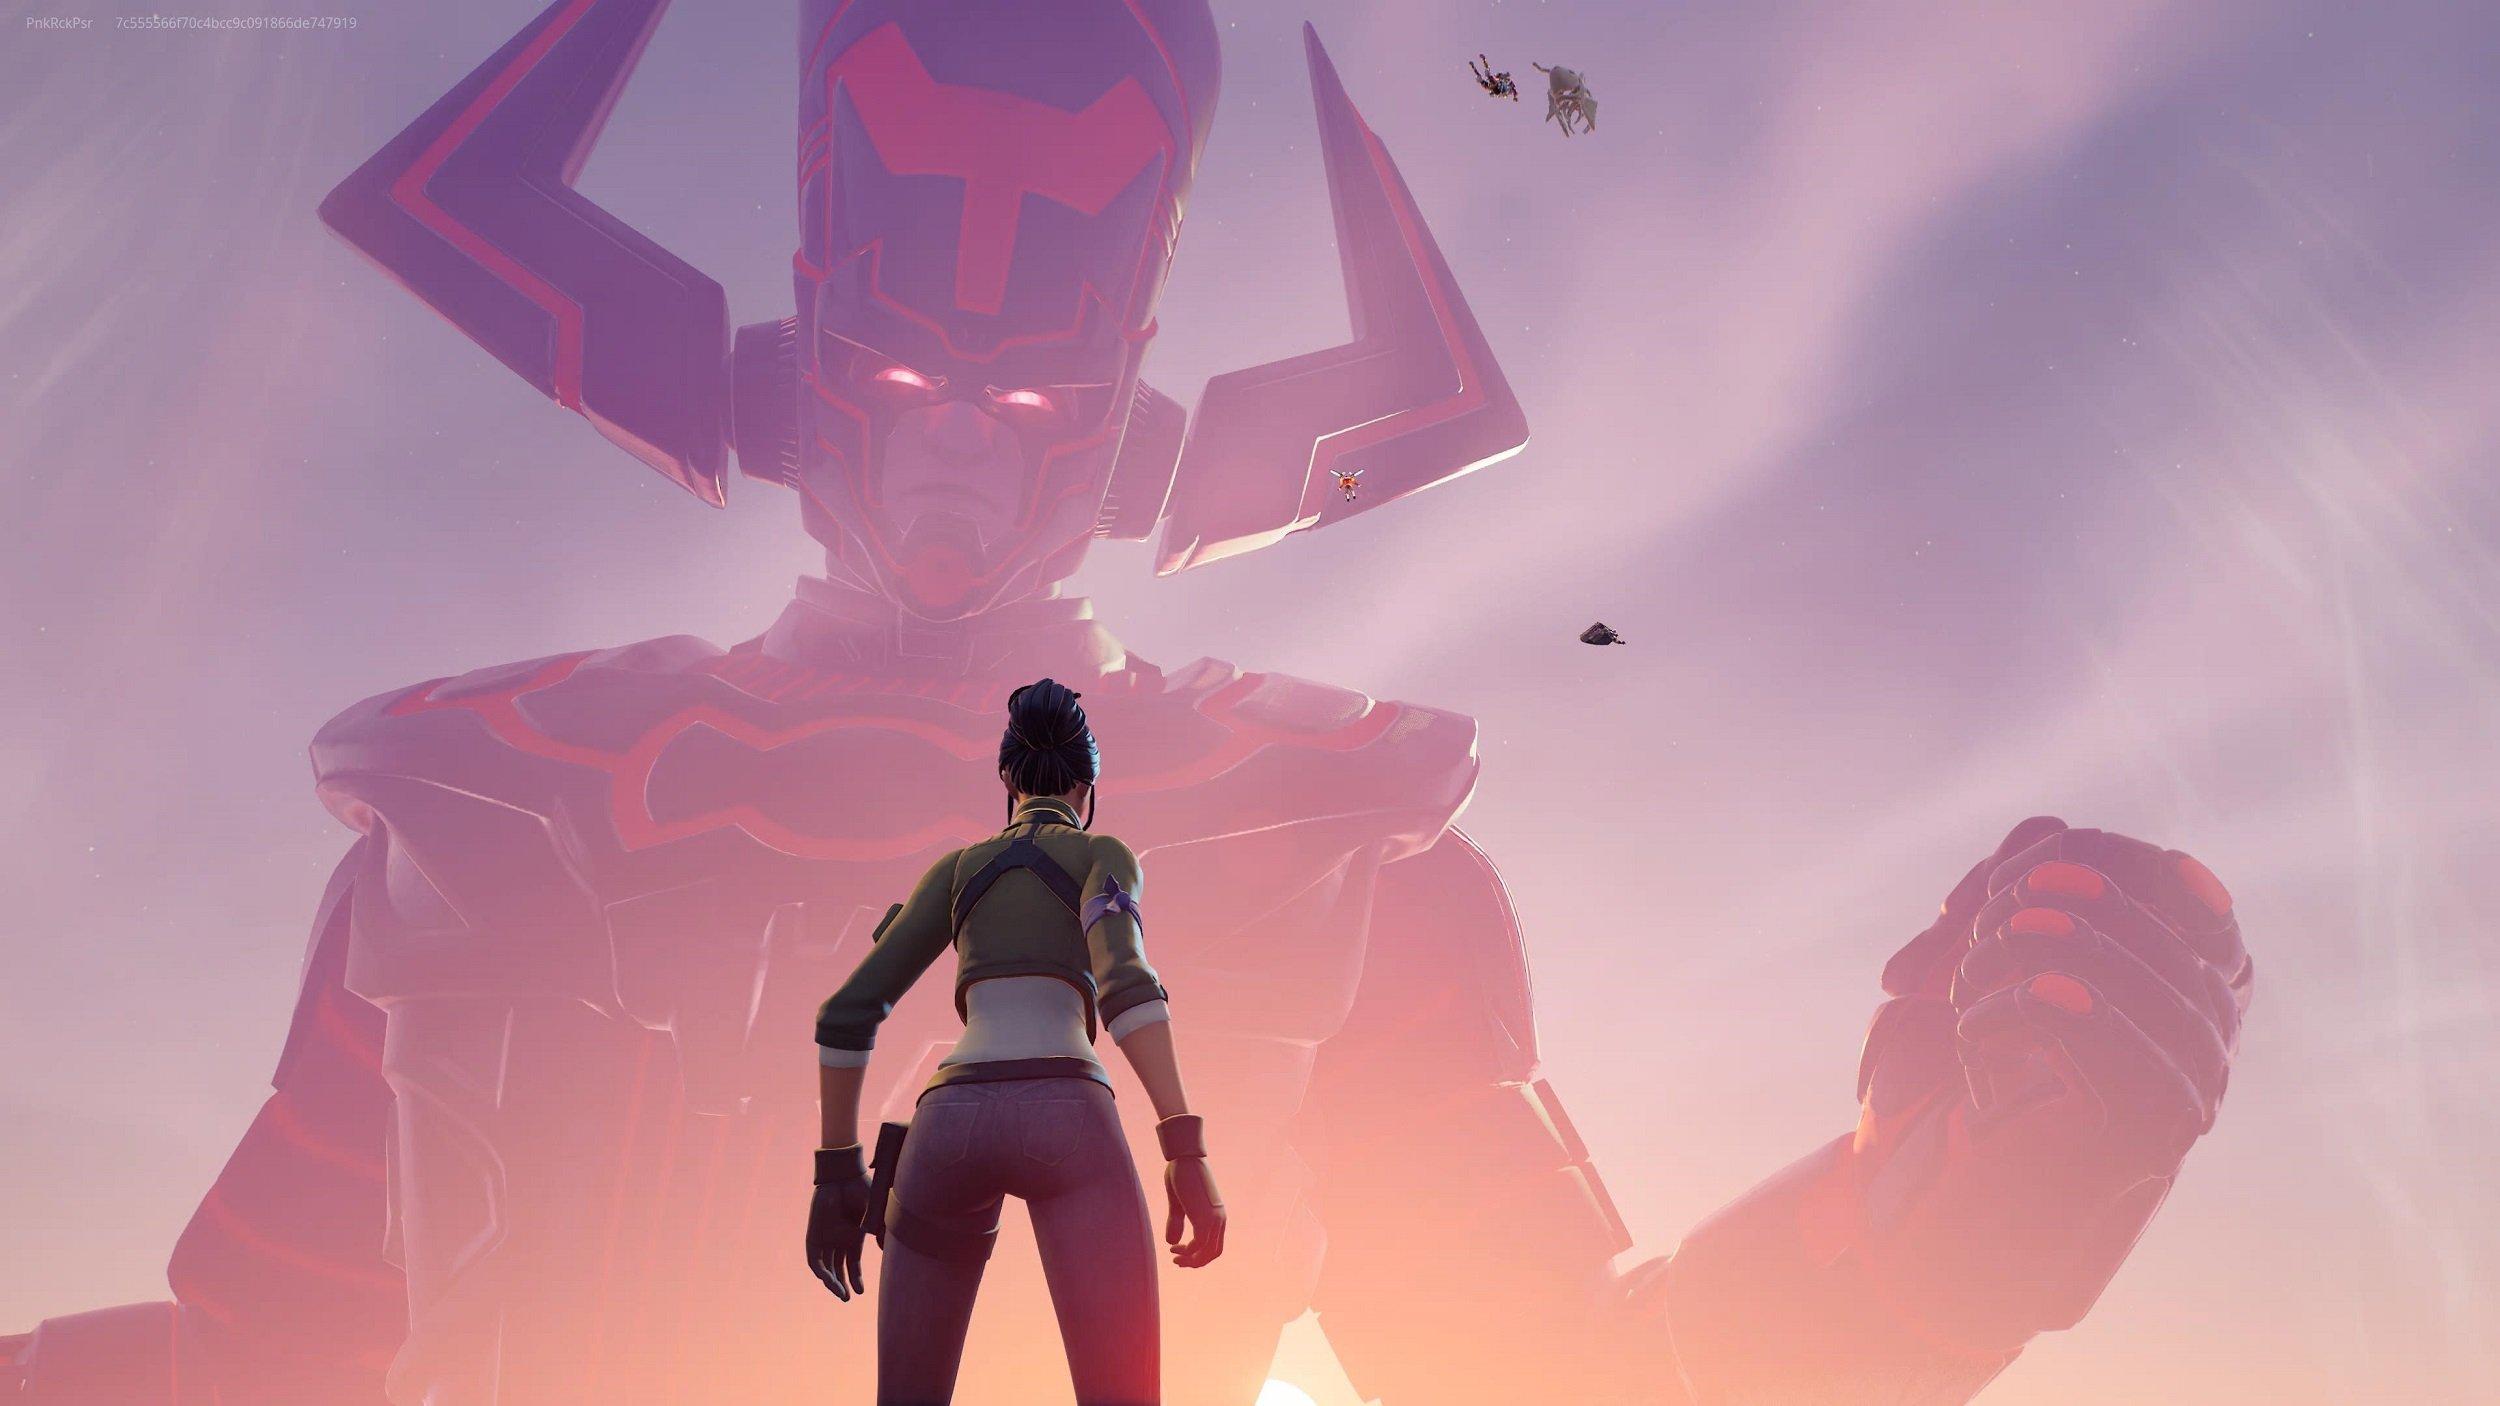 Finalmente chegou o evento mundial com a batalha contra Galactus, que fecha a quarta temporada do segundo capítulo de Fortnite.